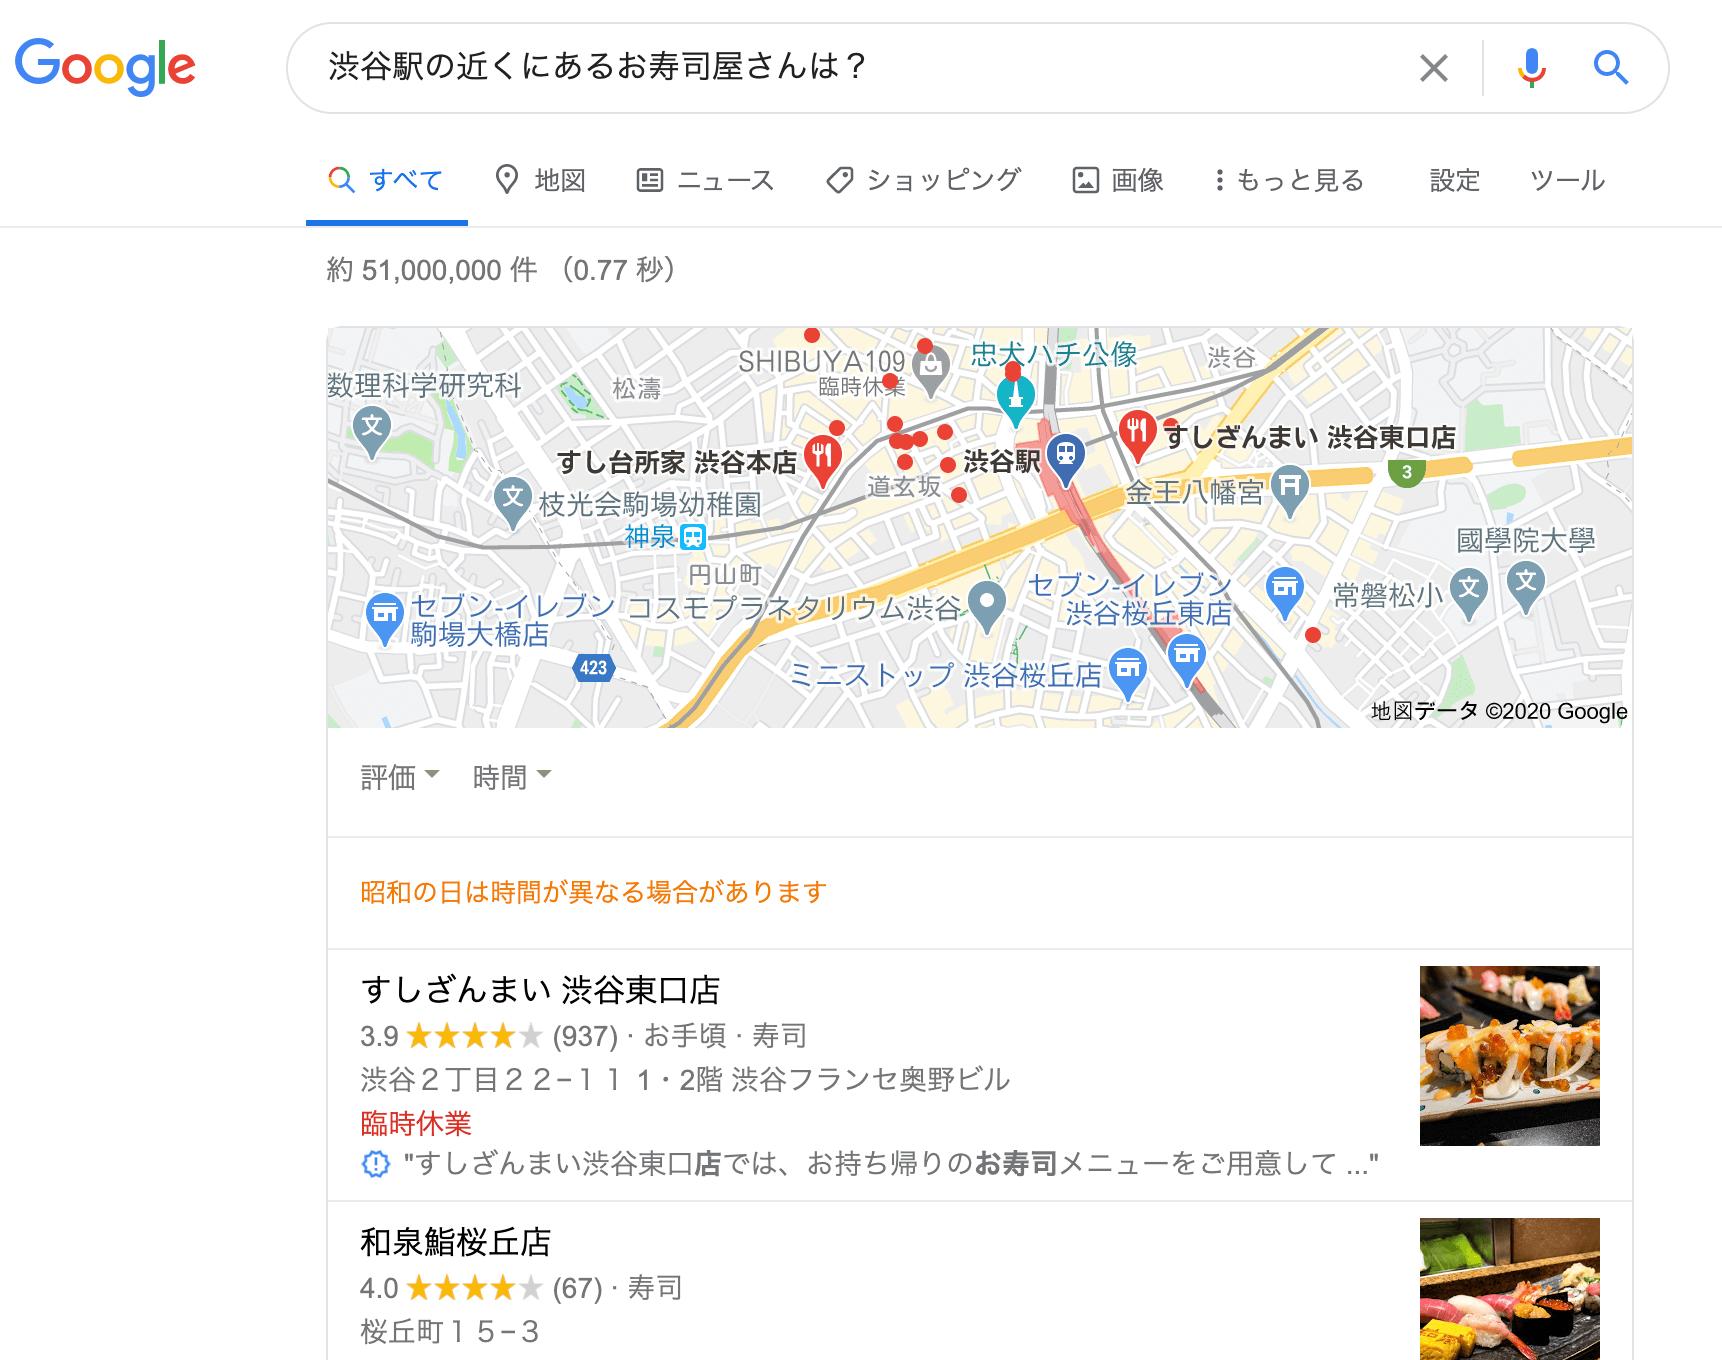 渋谷お寿司の検索結果